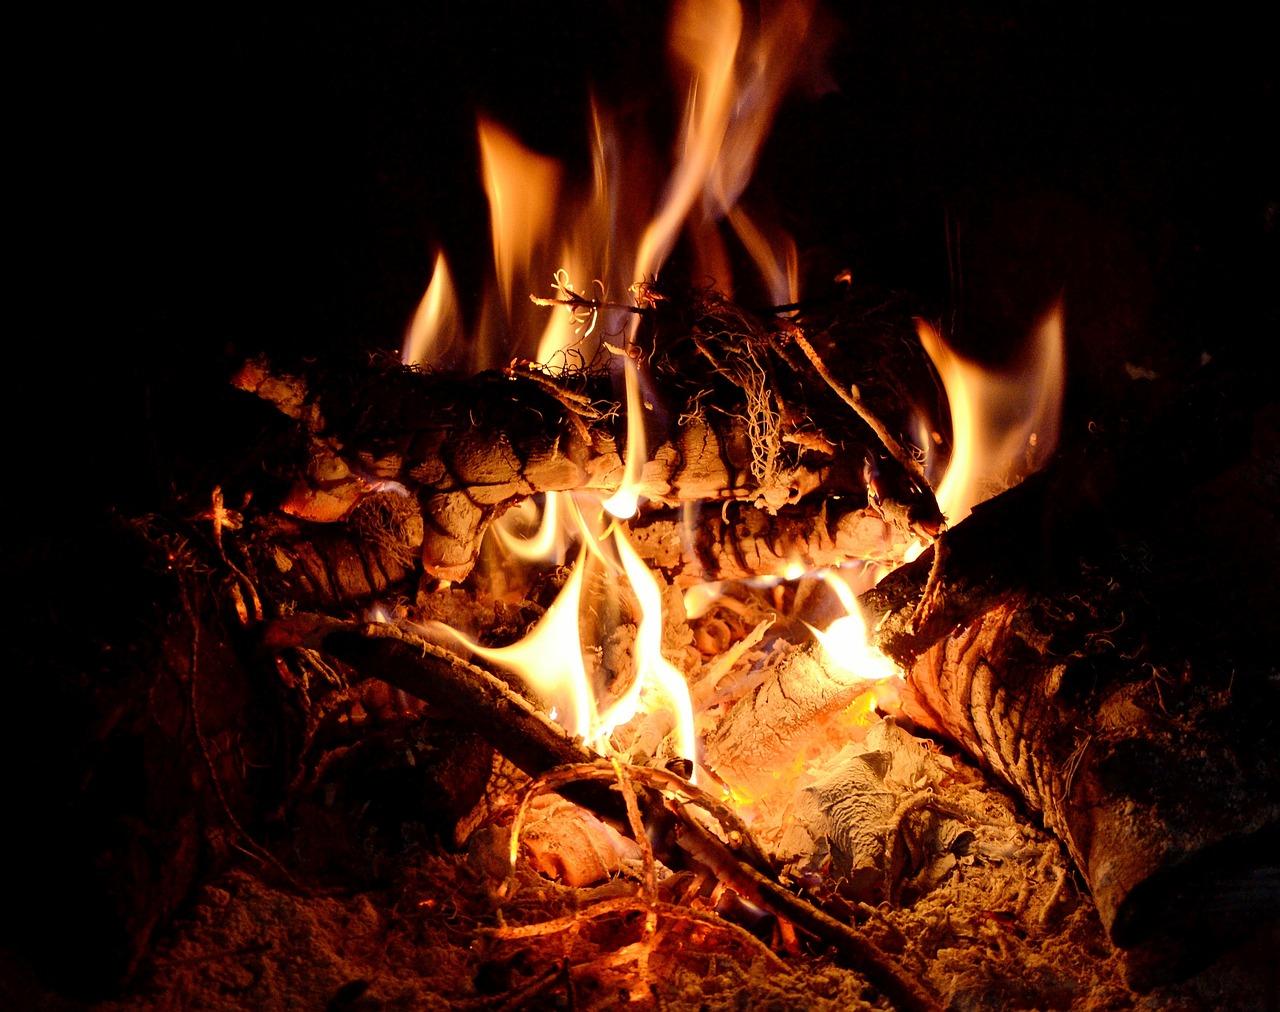 Анимация огня в камине фото